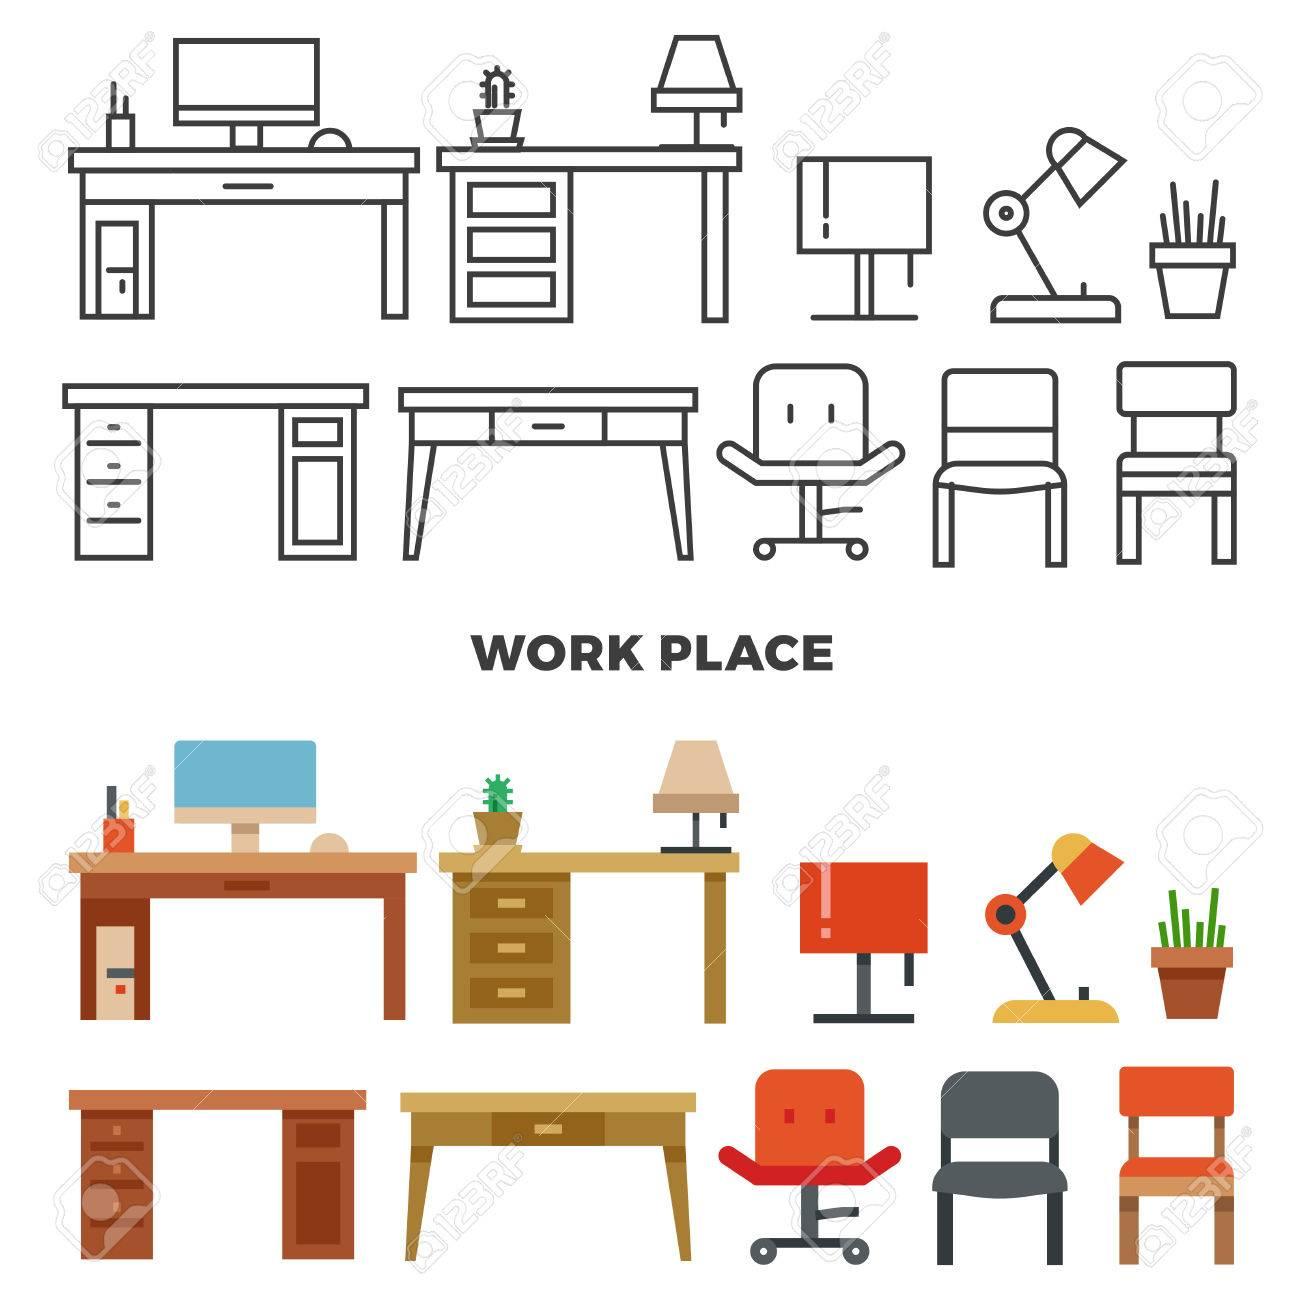 Arbeitsplatz Möbel Und Sammlung   Flache Startseite Design Ikonen. Interior Für  Wohnzimmer Illustration Standard